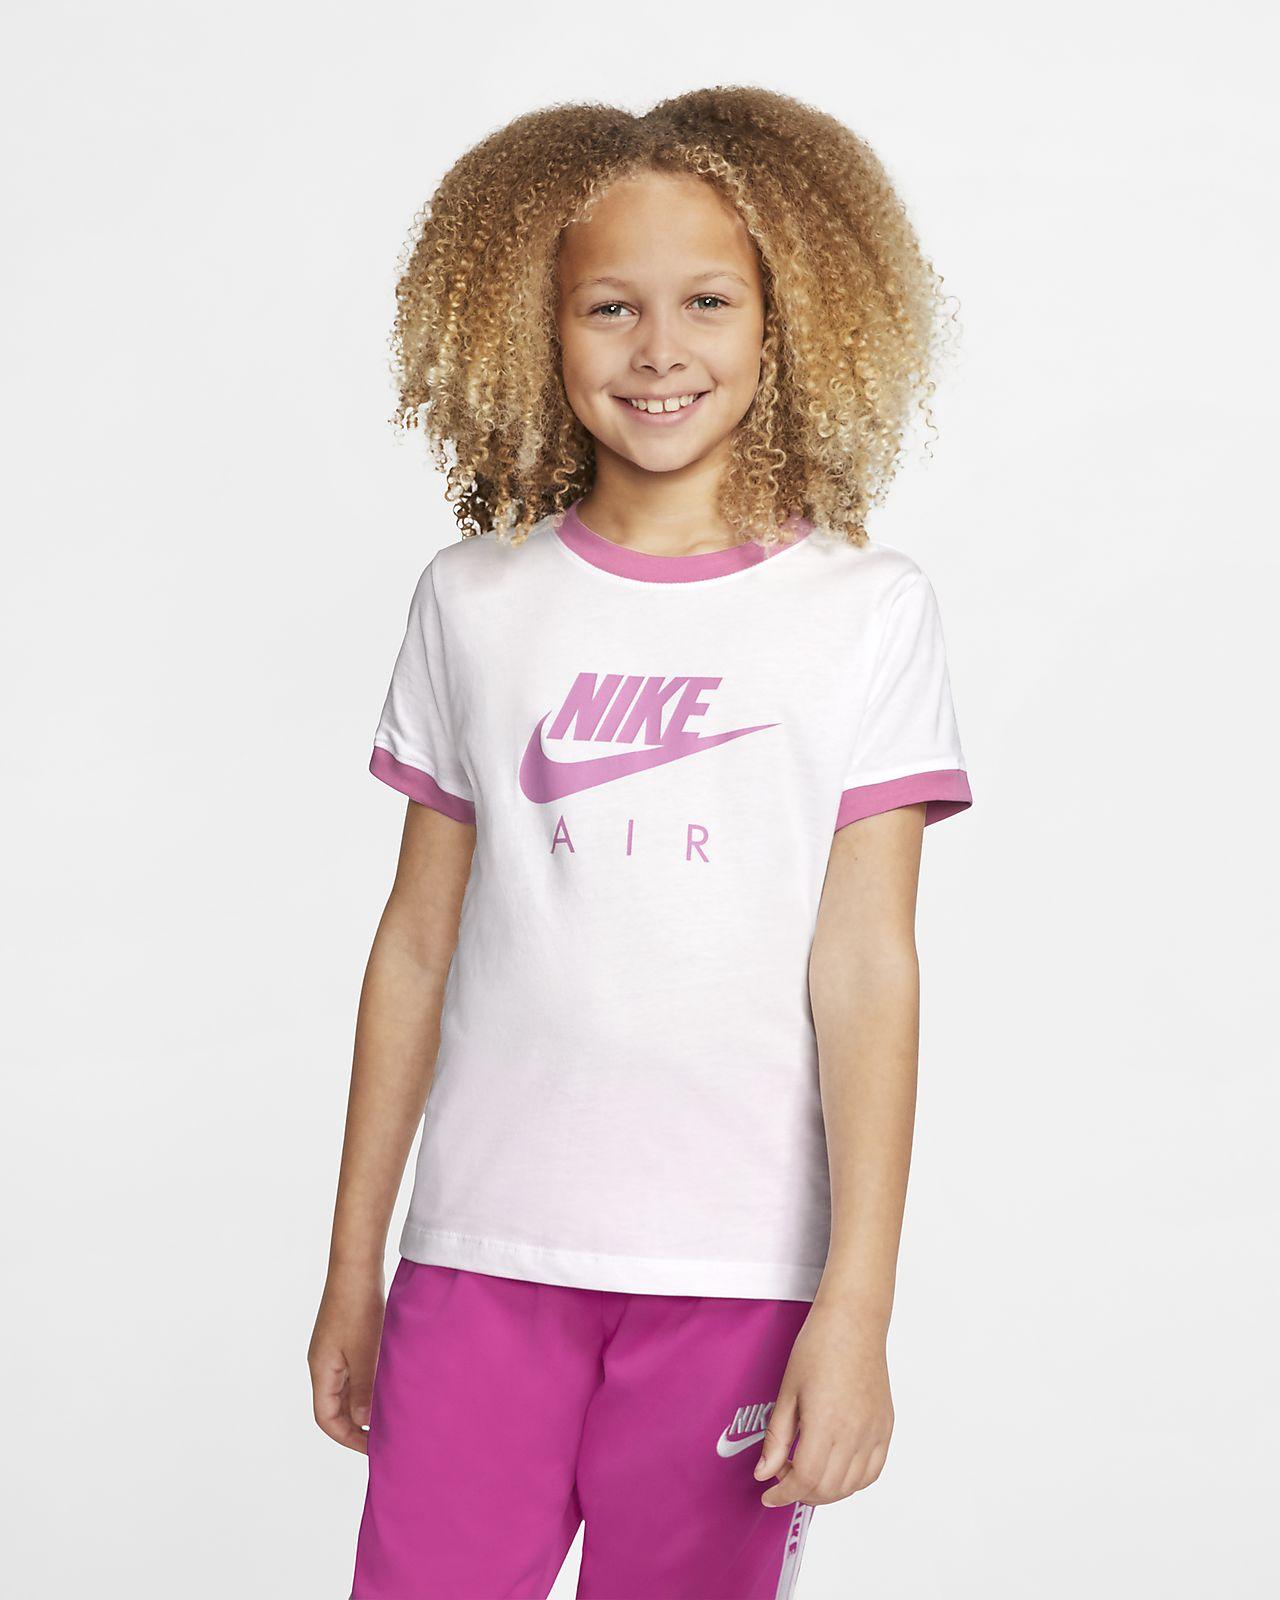 เสื้อยืดเด็กโต Nike Air